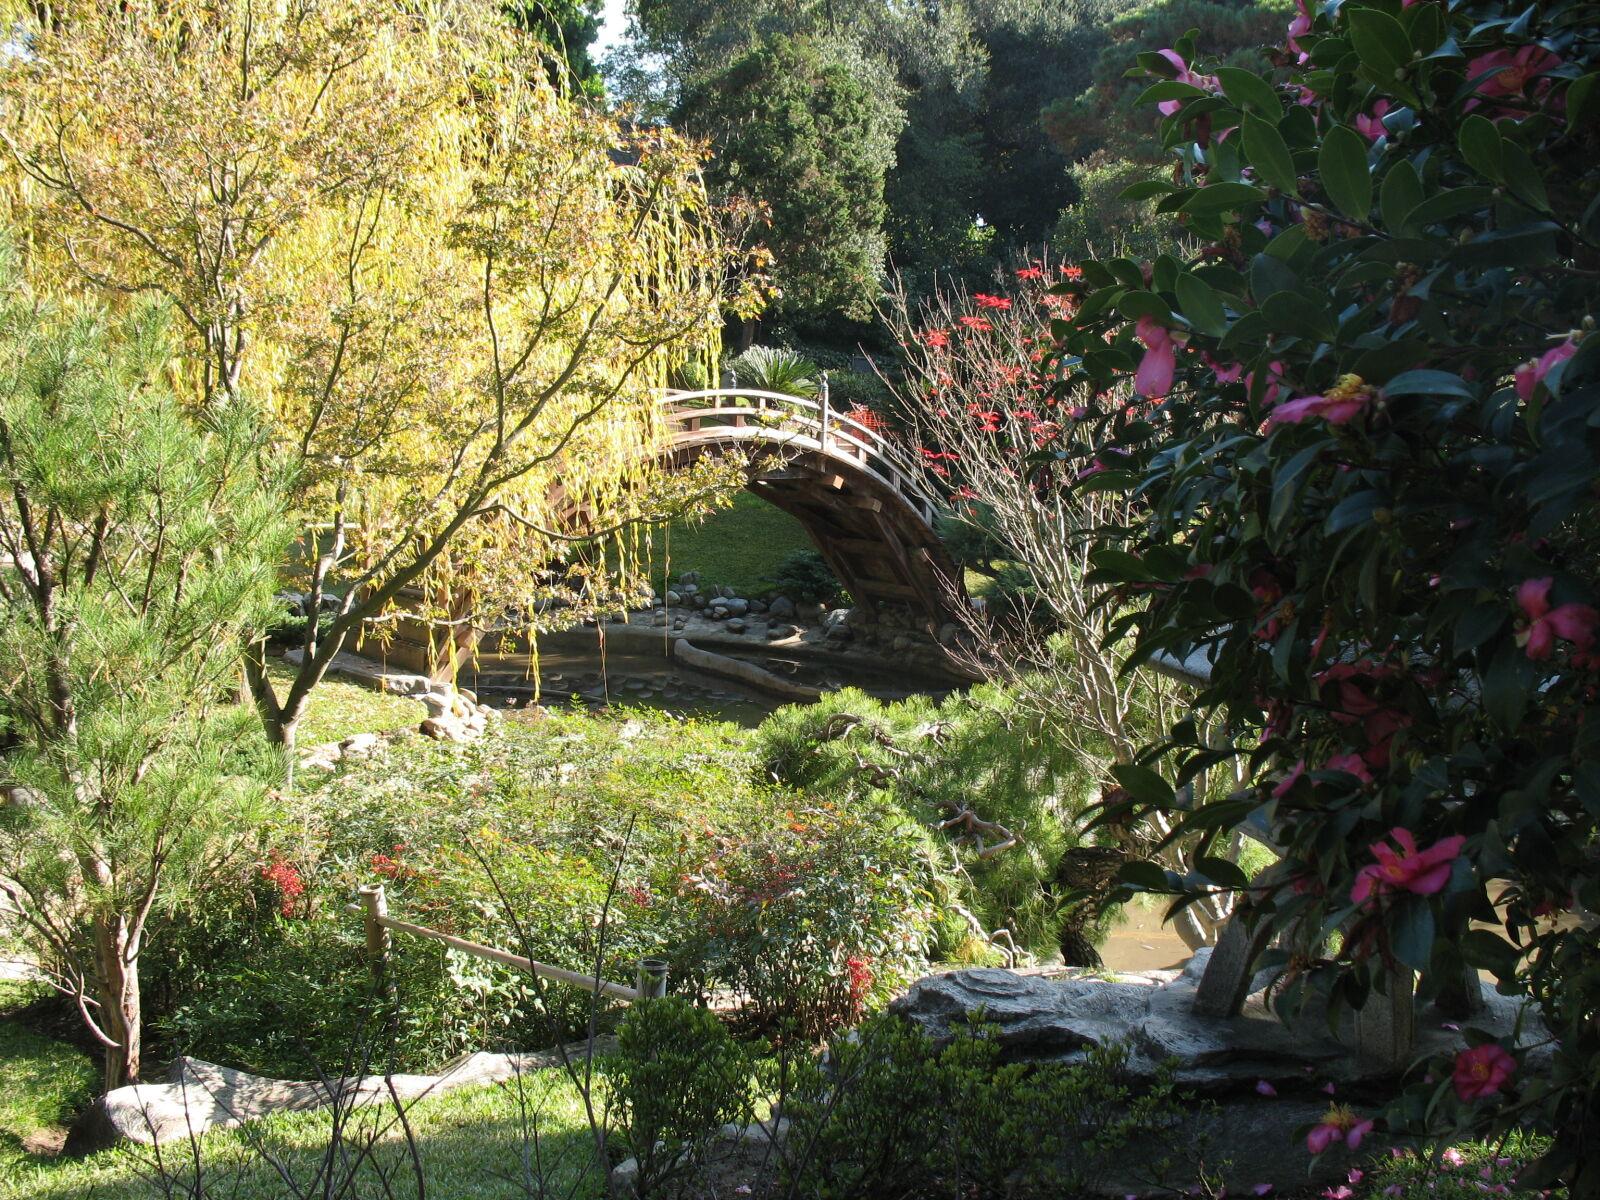 """Canon POWERSHOT A620 sample photo. """"Bridge, garden"""" photography"""